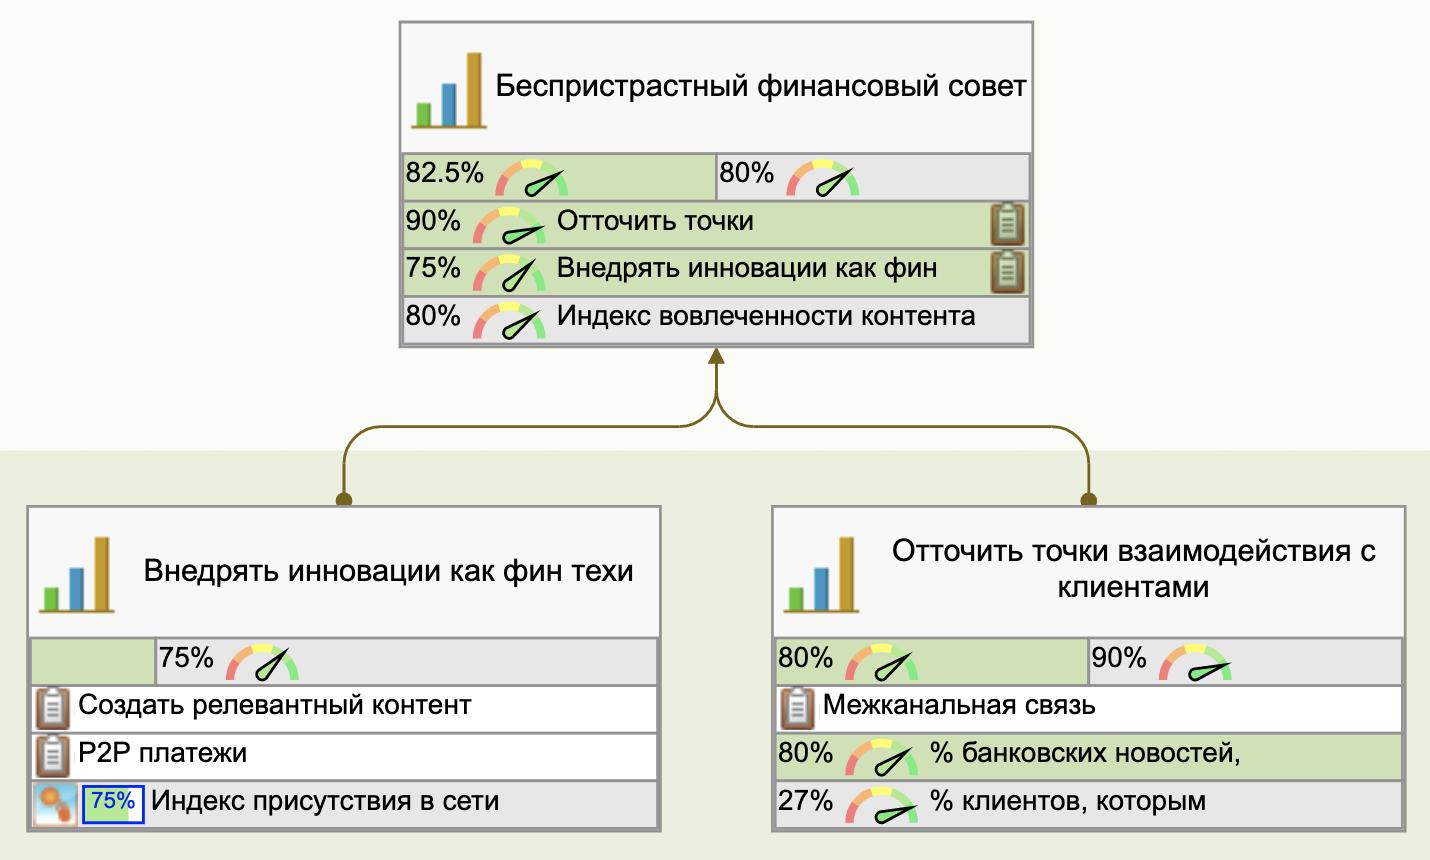 Измерение цели беспристрастного финансового консультирования